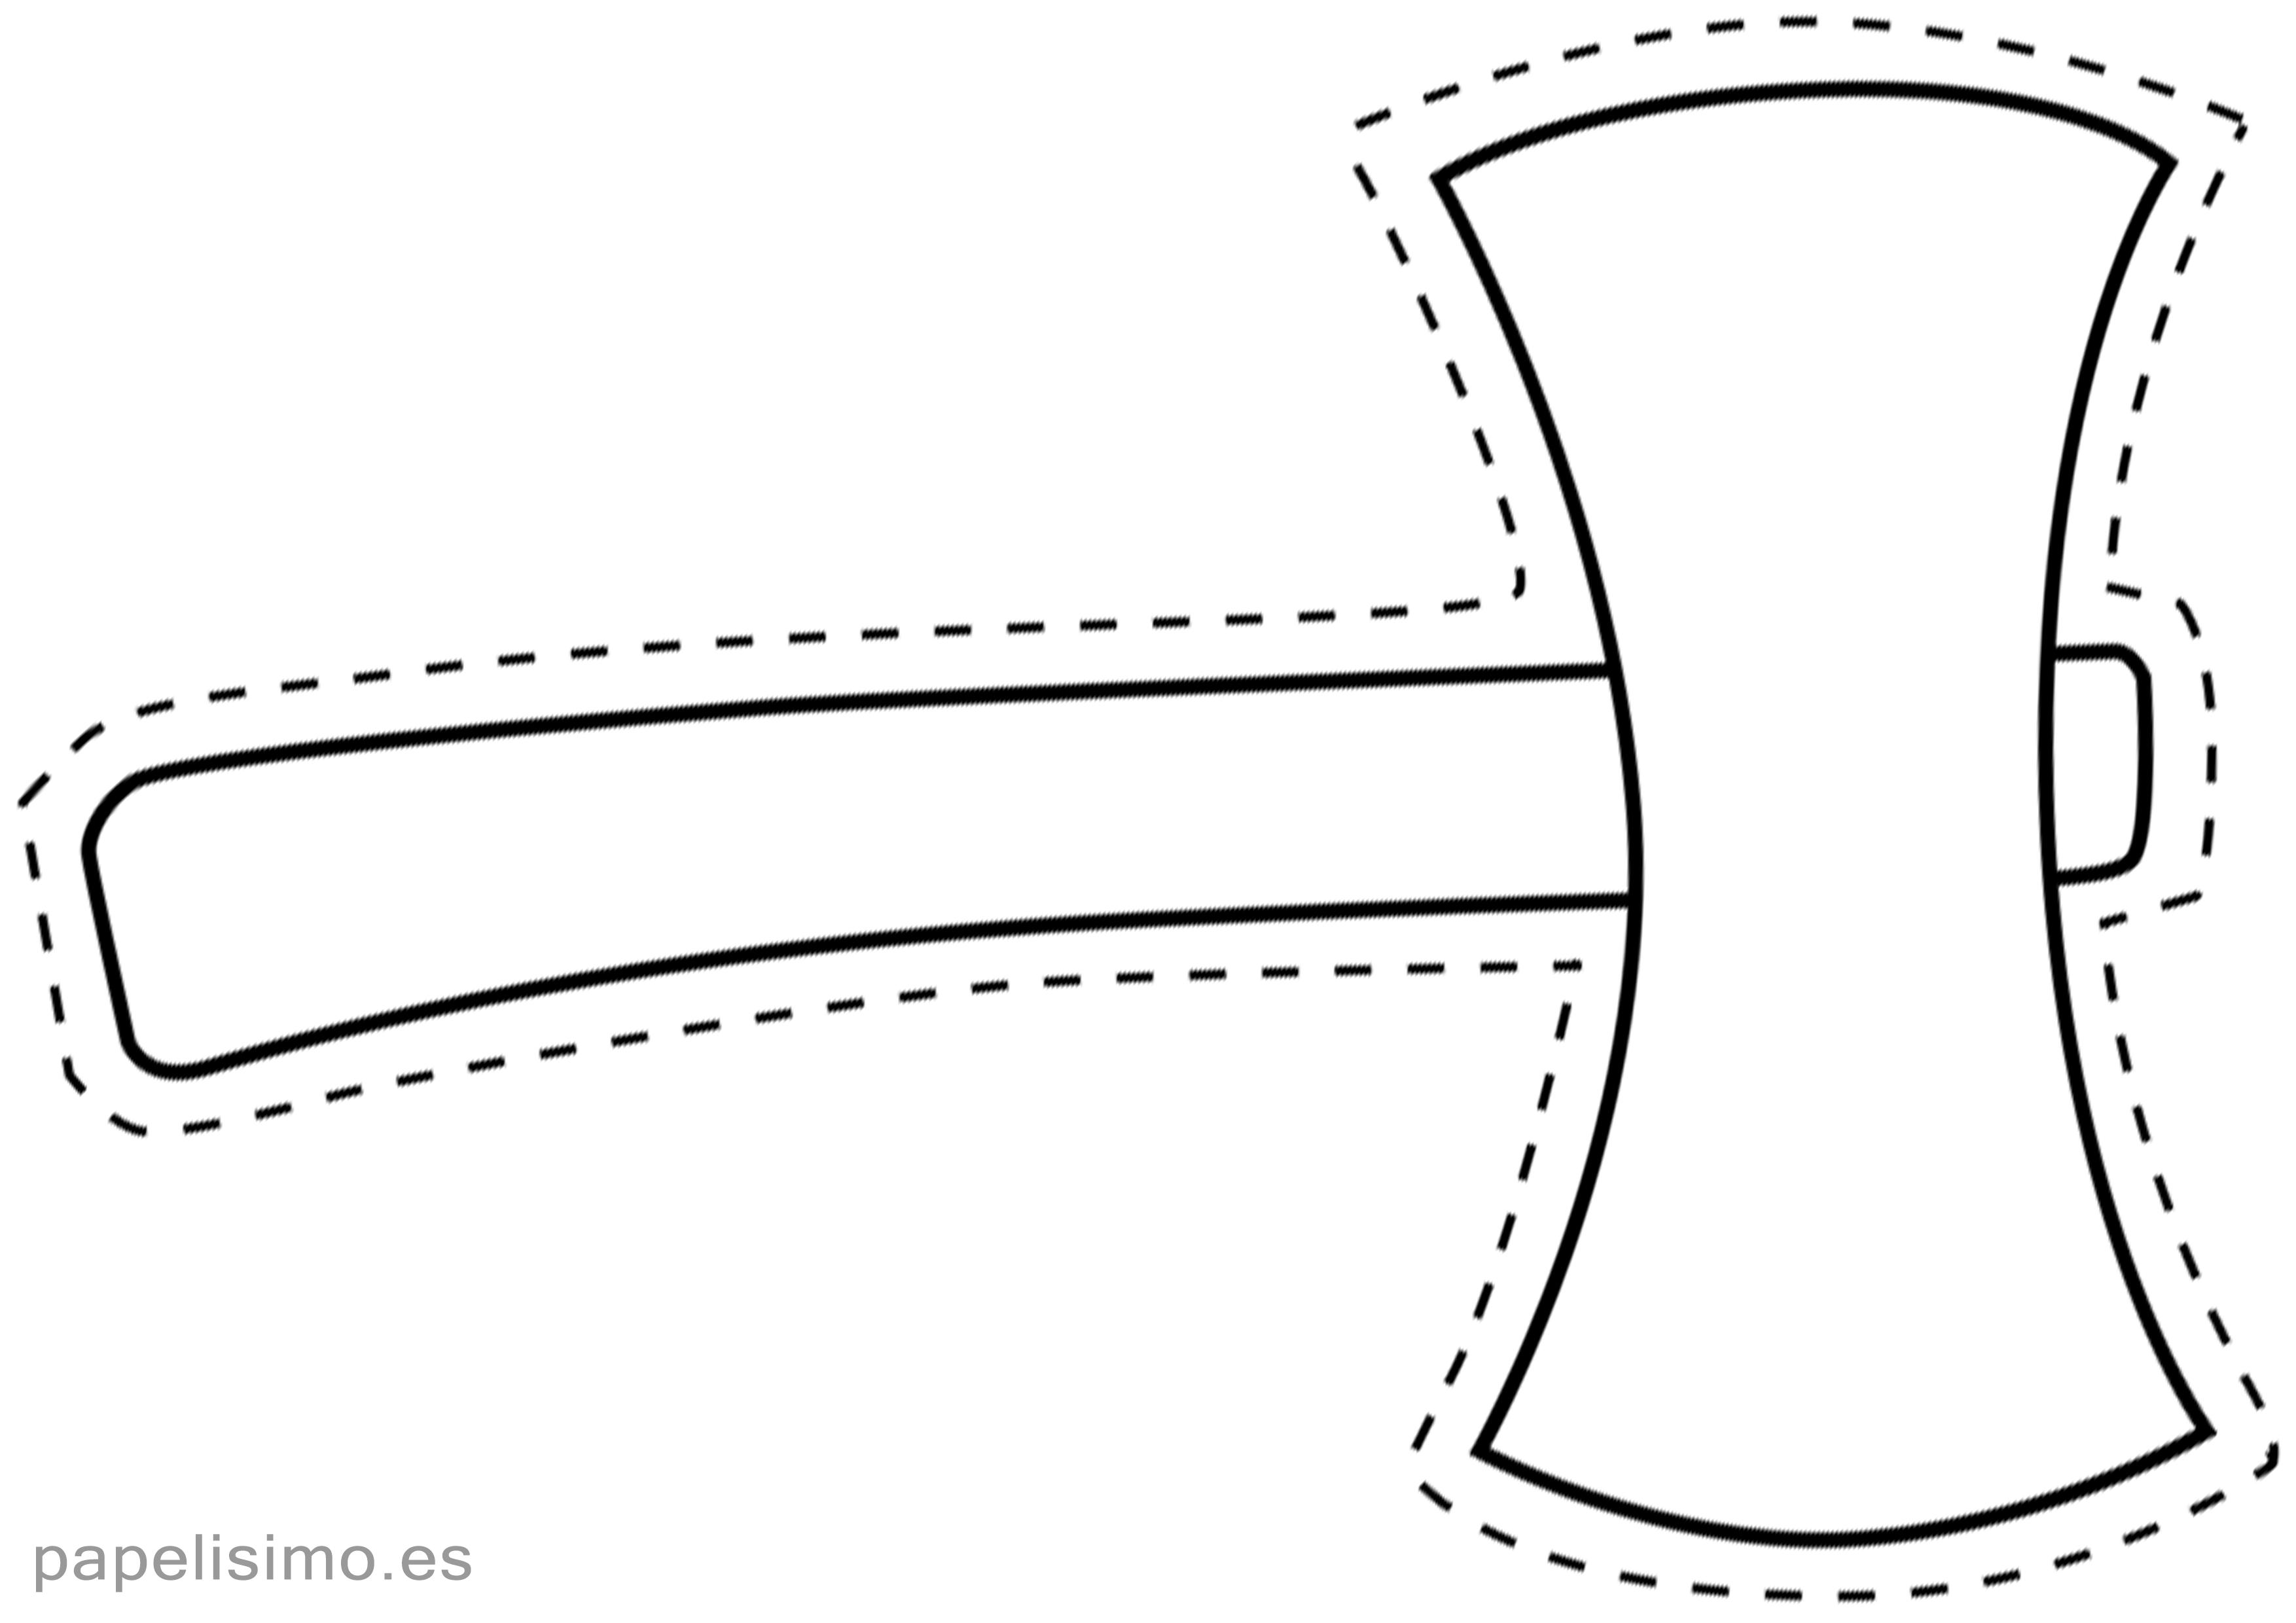 Plantilla Hacha Carton Para Imprimir Disfraces Caseros Casco Vikingo Disfraces Caseros Hacer Cajas De Regalo